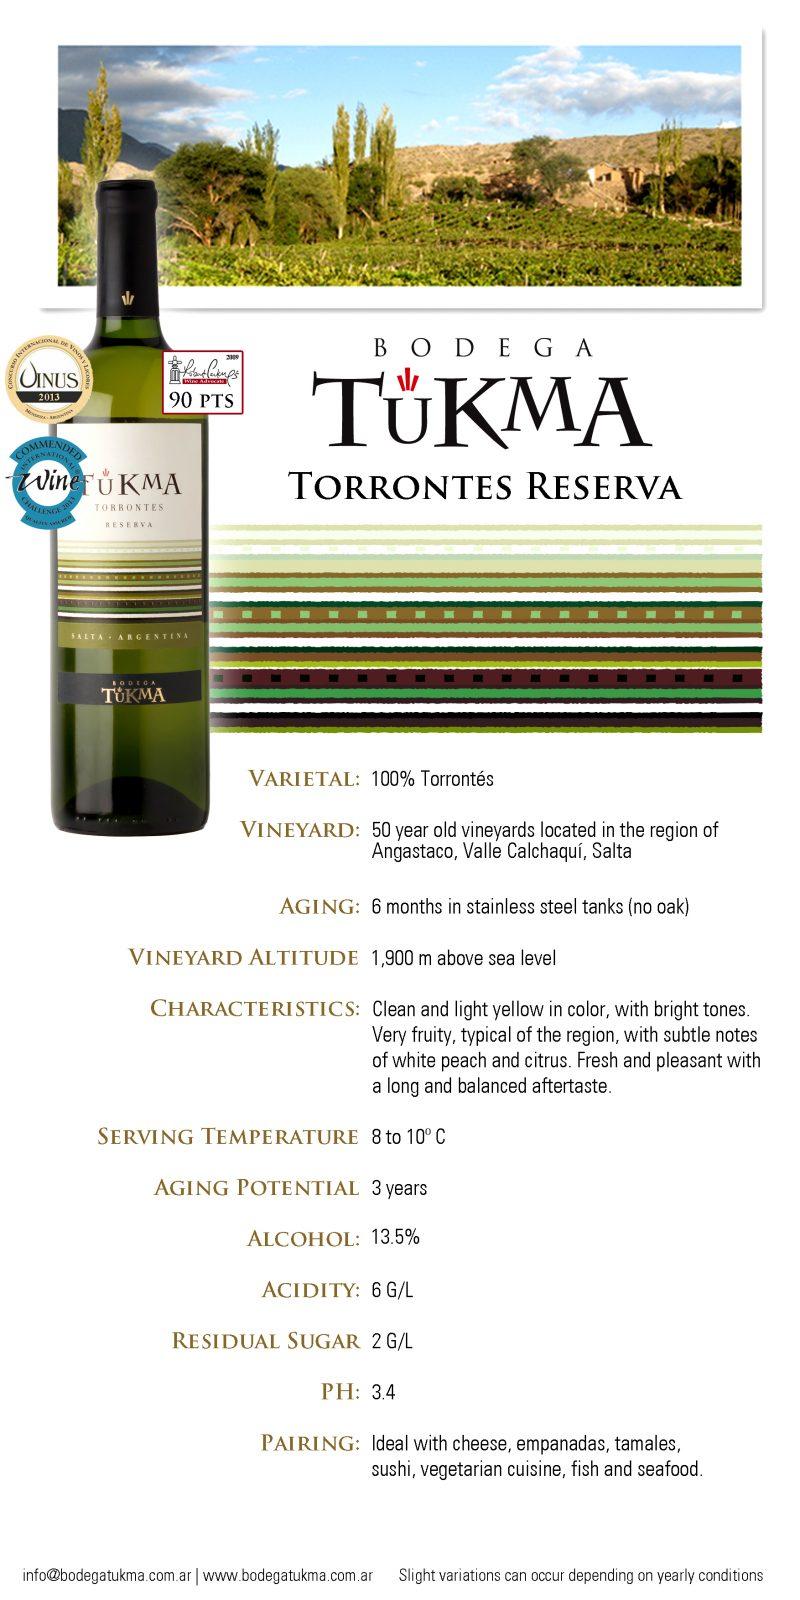 Tukma Torrontes Reserva Infor Sheet